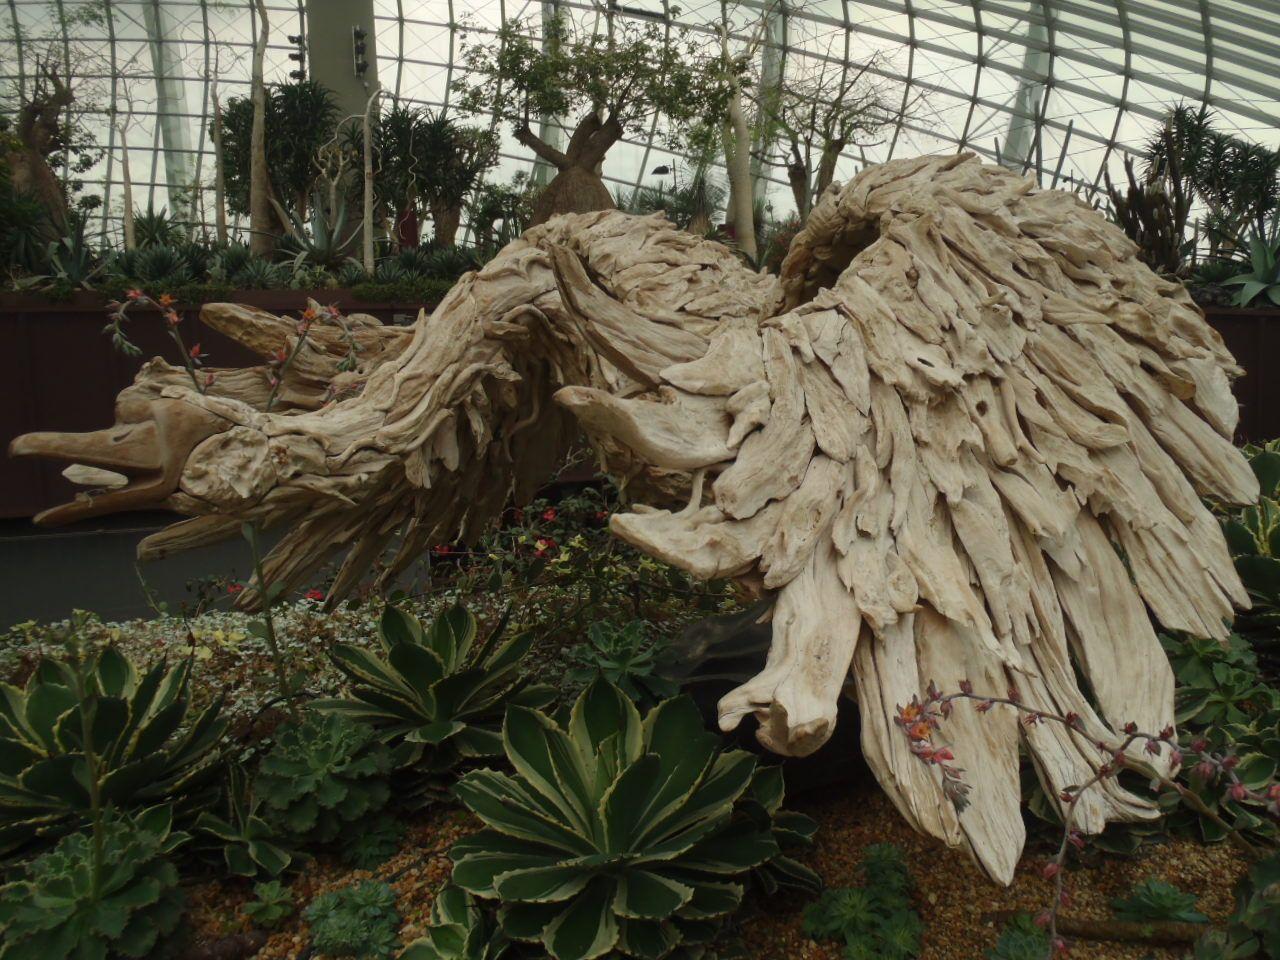 フラワードームも圧巻の広さと花の種類の多さに驚き!